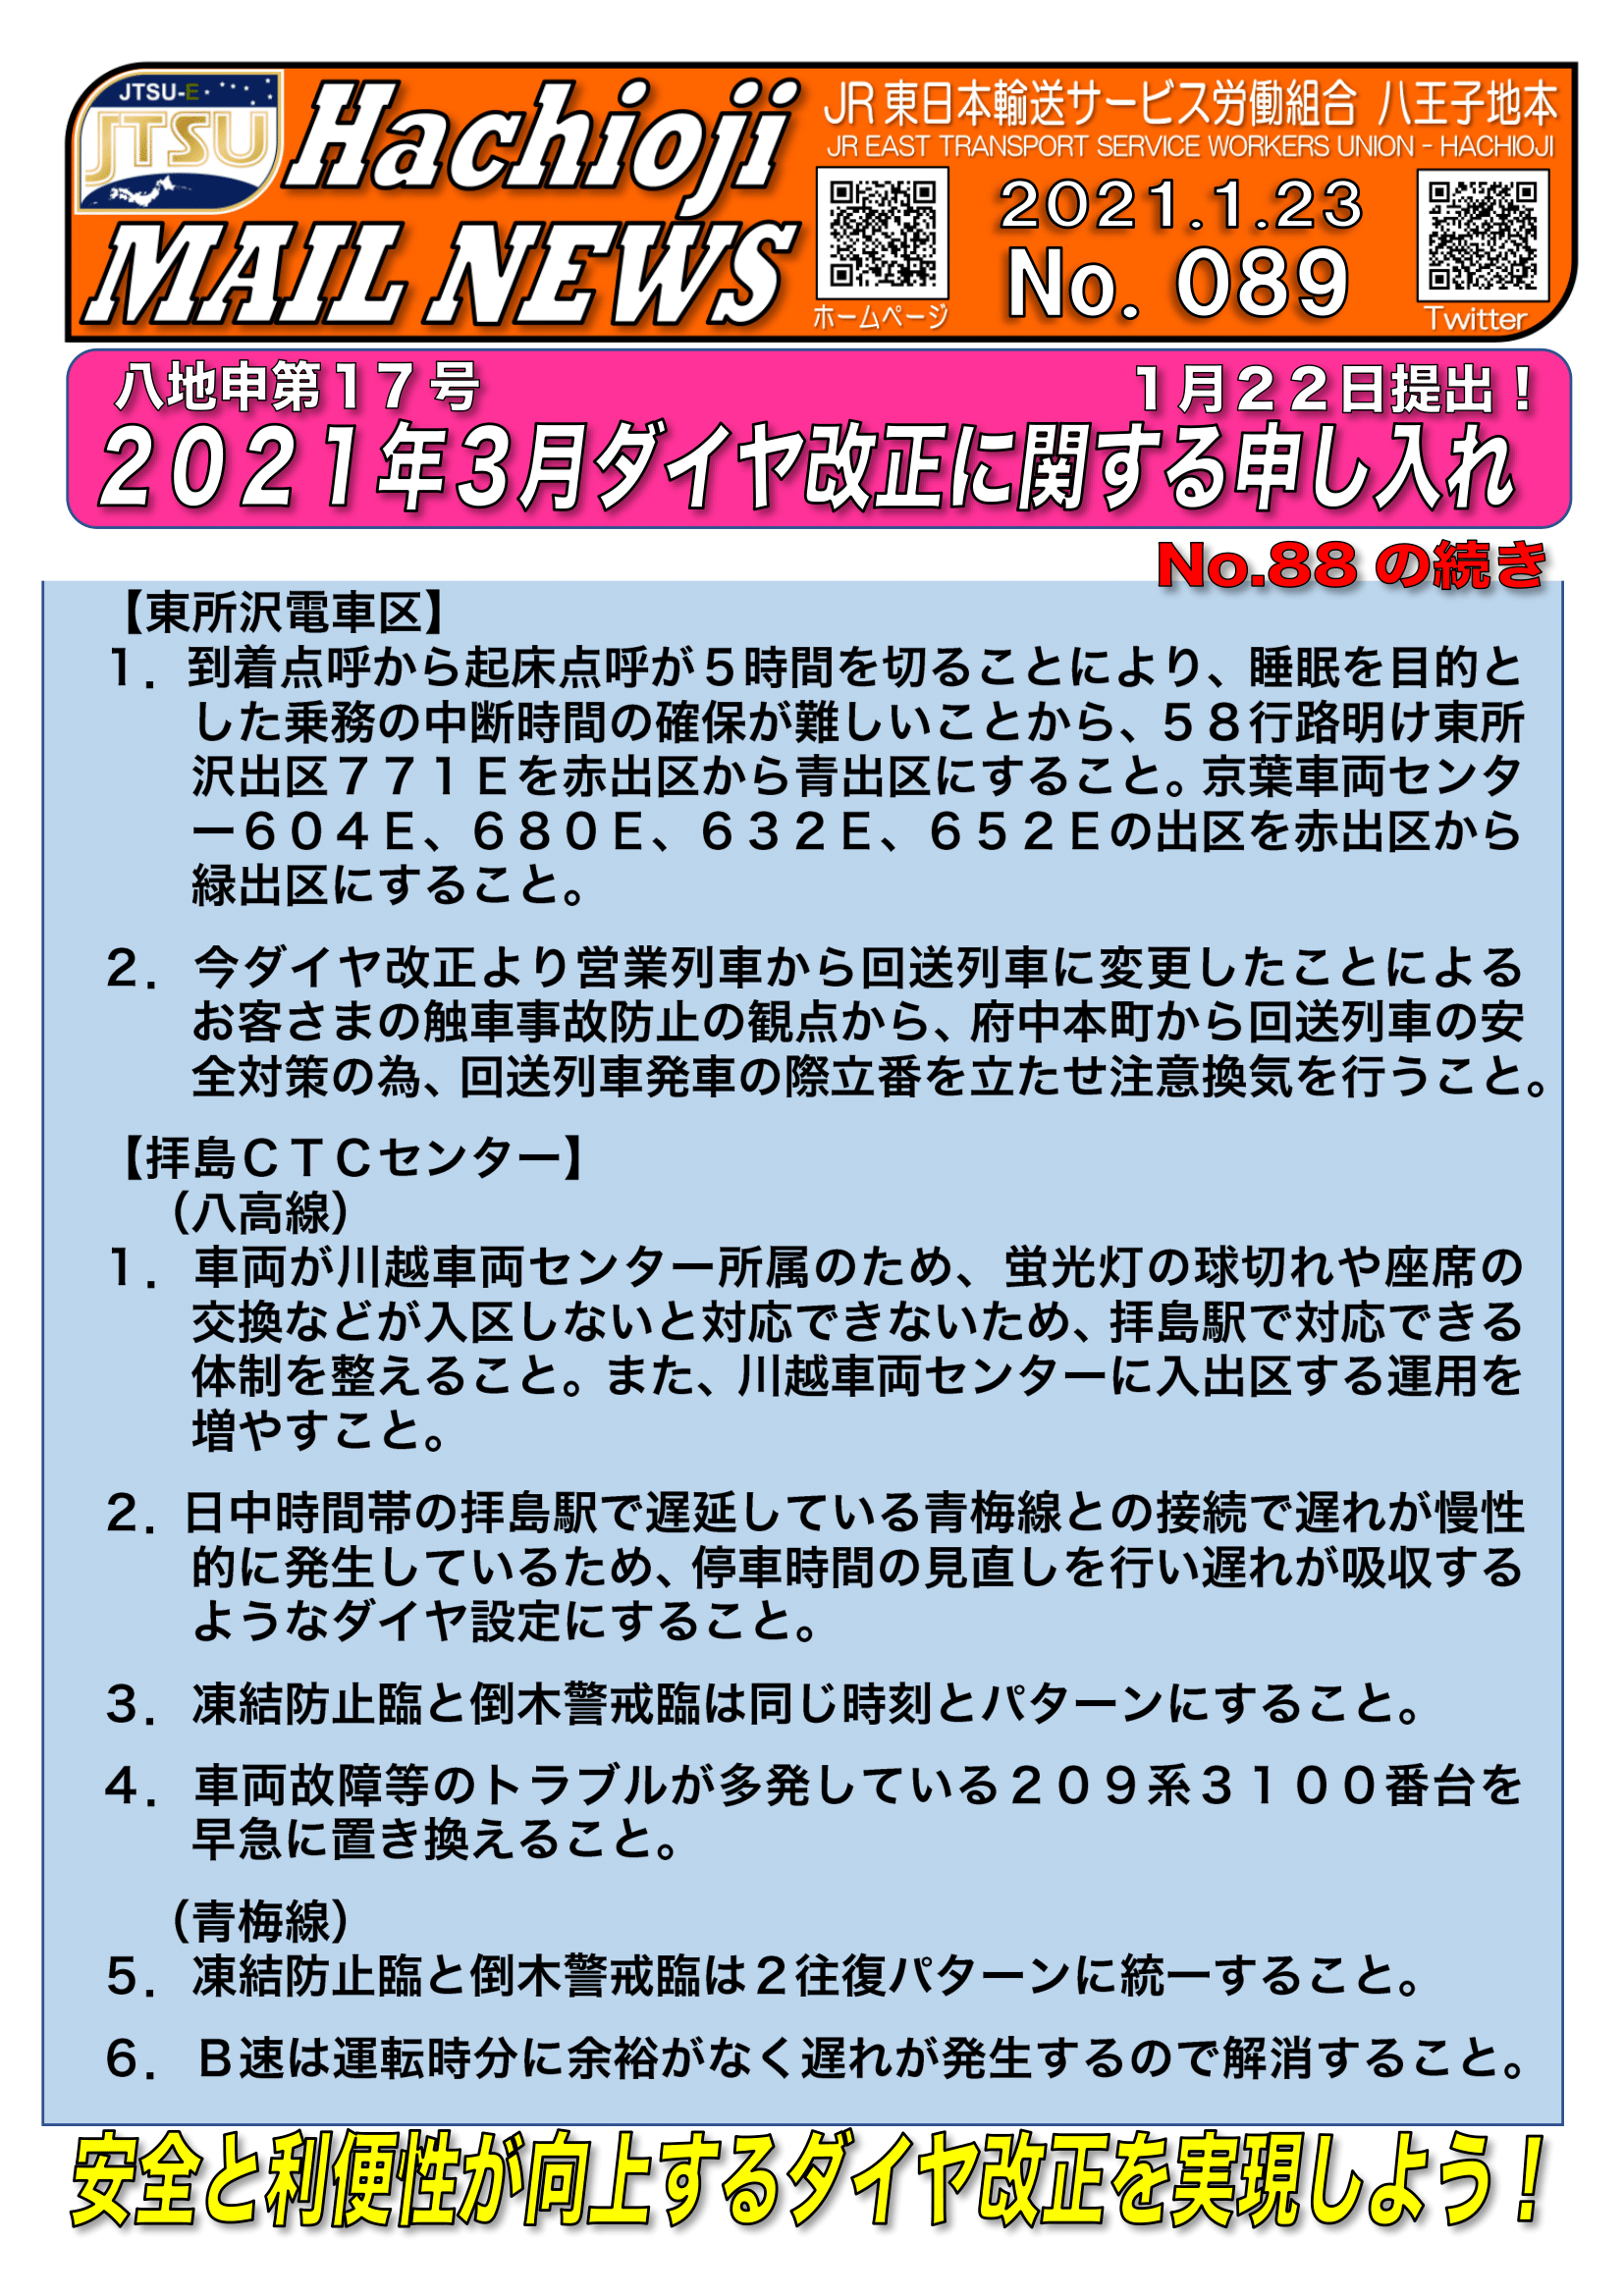 【JR東日本】209系3100番台は早急に置き換え 労組が車両故障多発を指摘